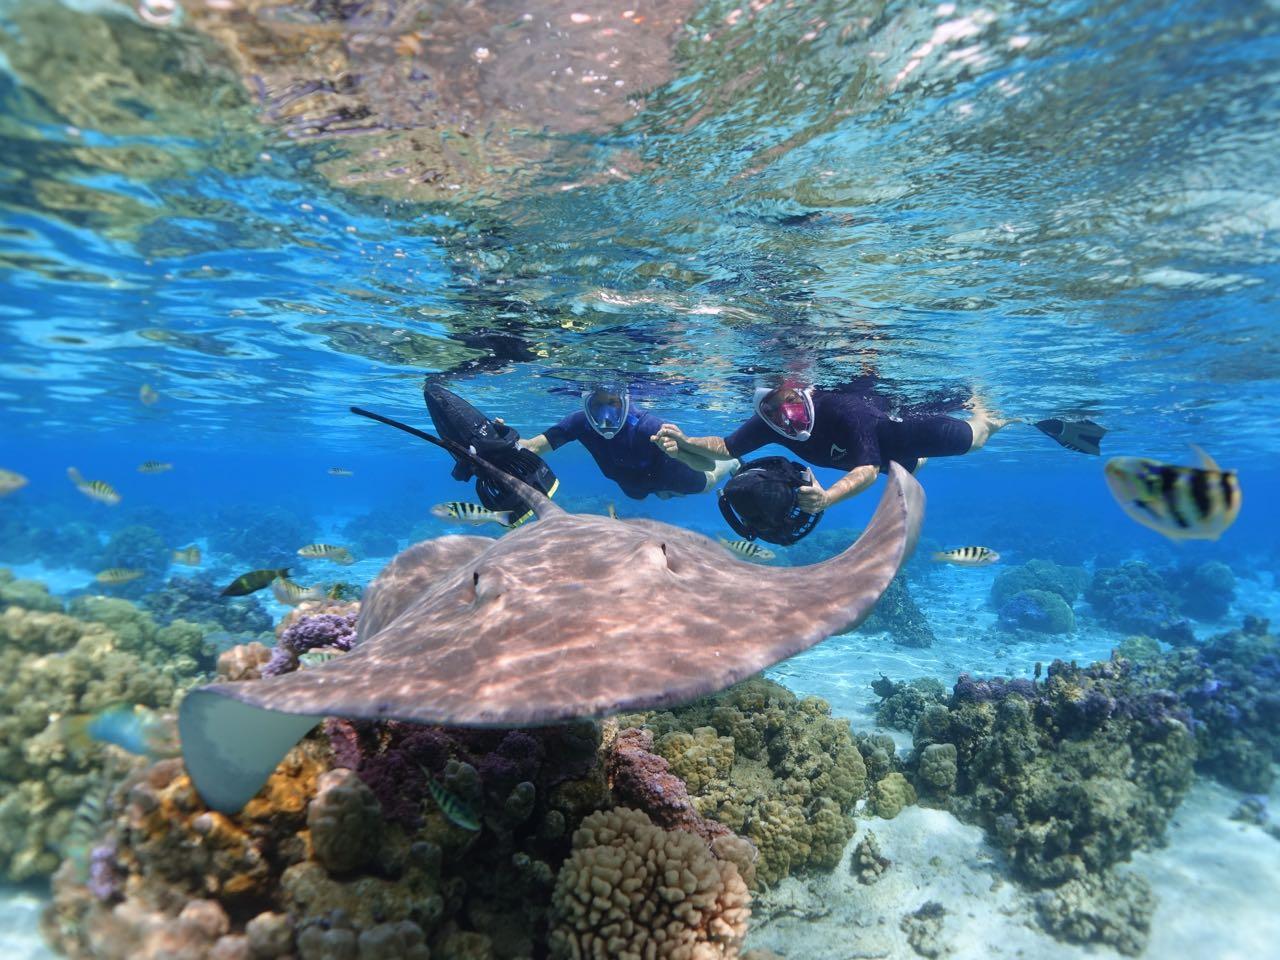 https://tahititourisme.it/wp-content/uploads/2020/09/Sea-Scooter-Snorkeling-Tour-à-moorea-copie-2.jpg